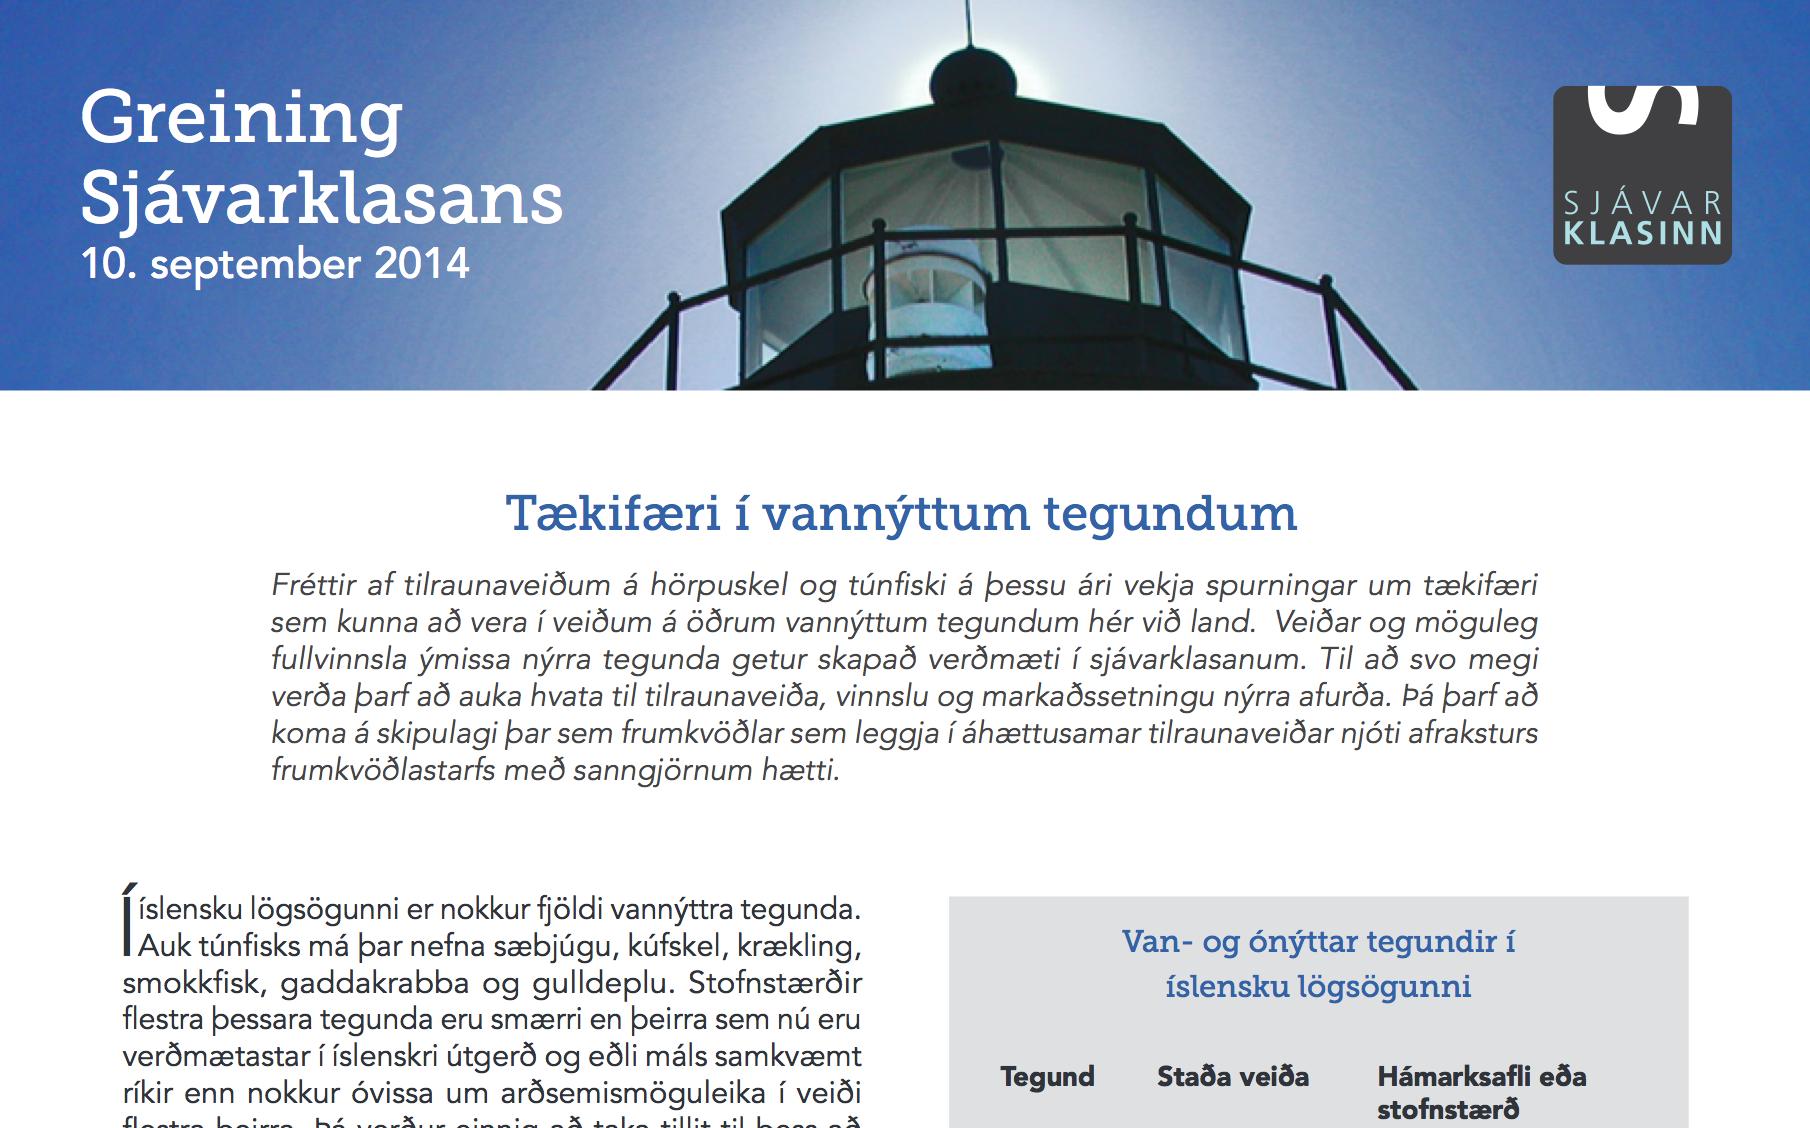 Greining Sjávarklasans: Tækifæri í vannýttum tegundum